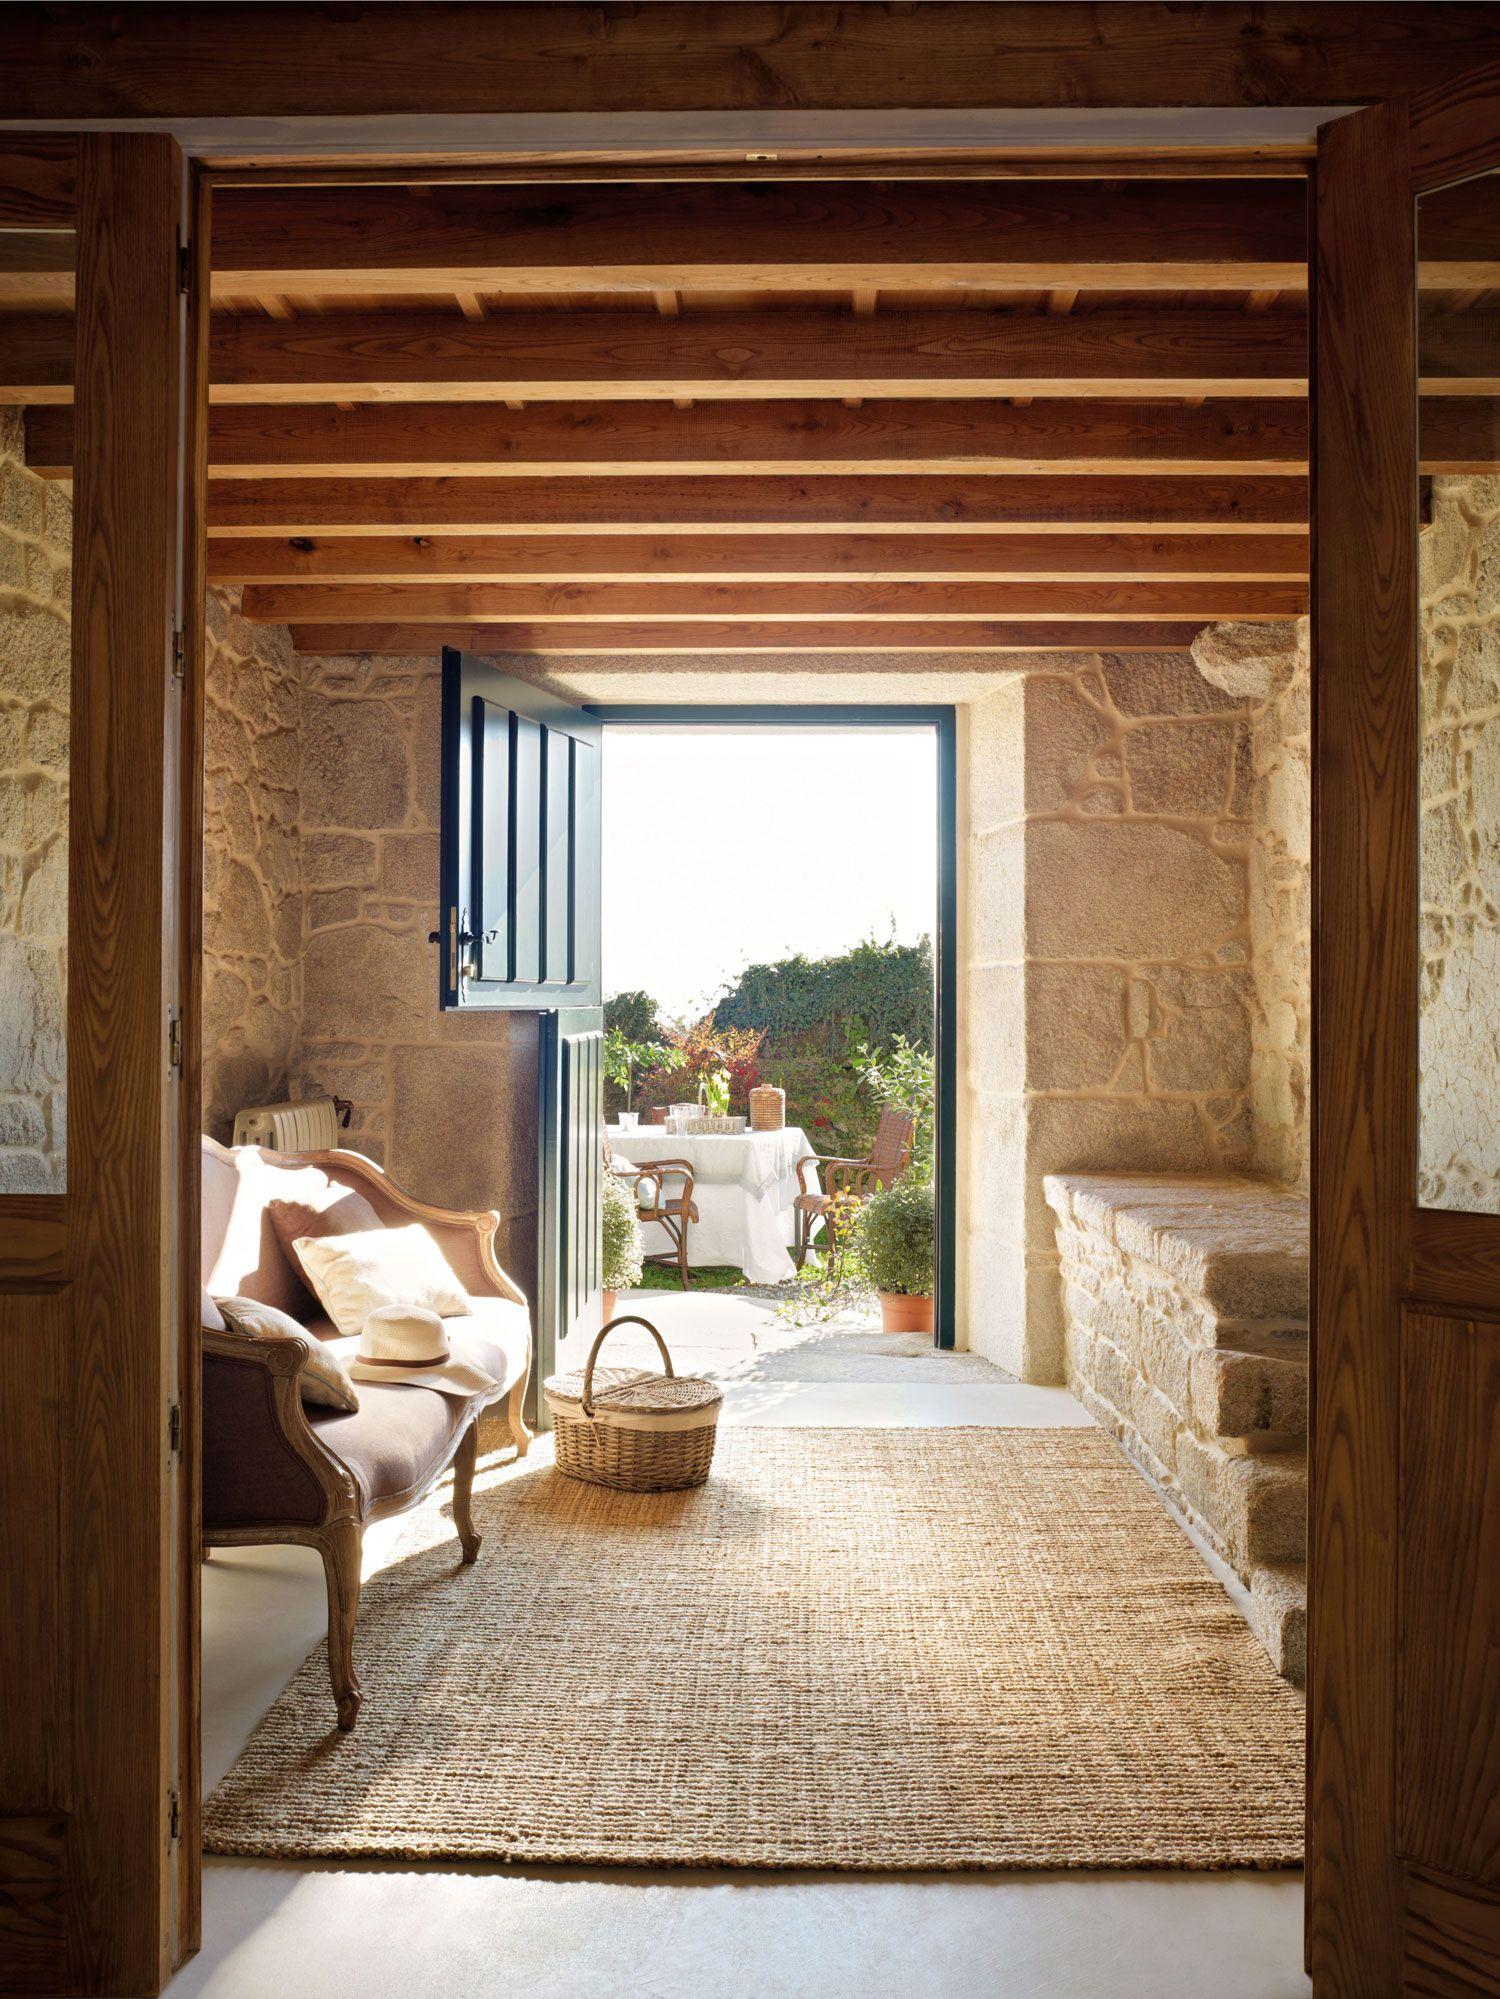 Entrada de la casa con muros de piedra y un banco sobre una alfombra ...